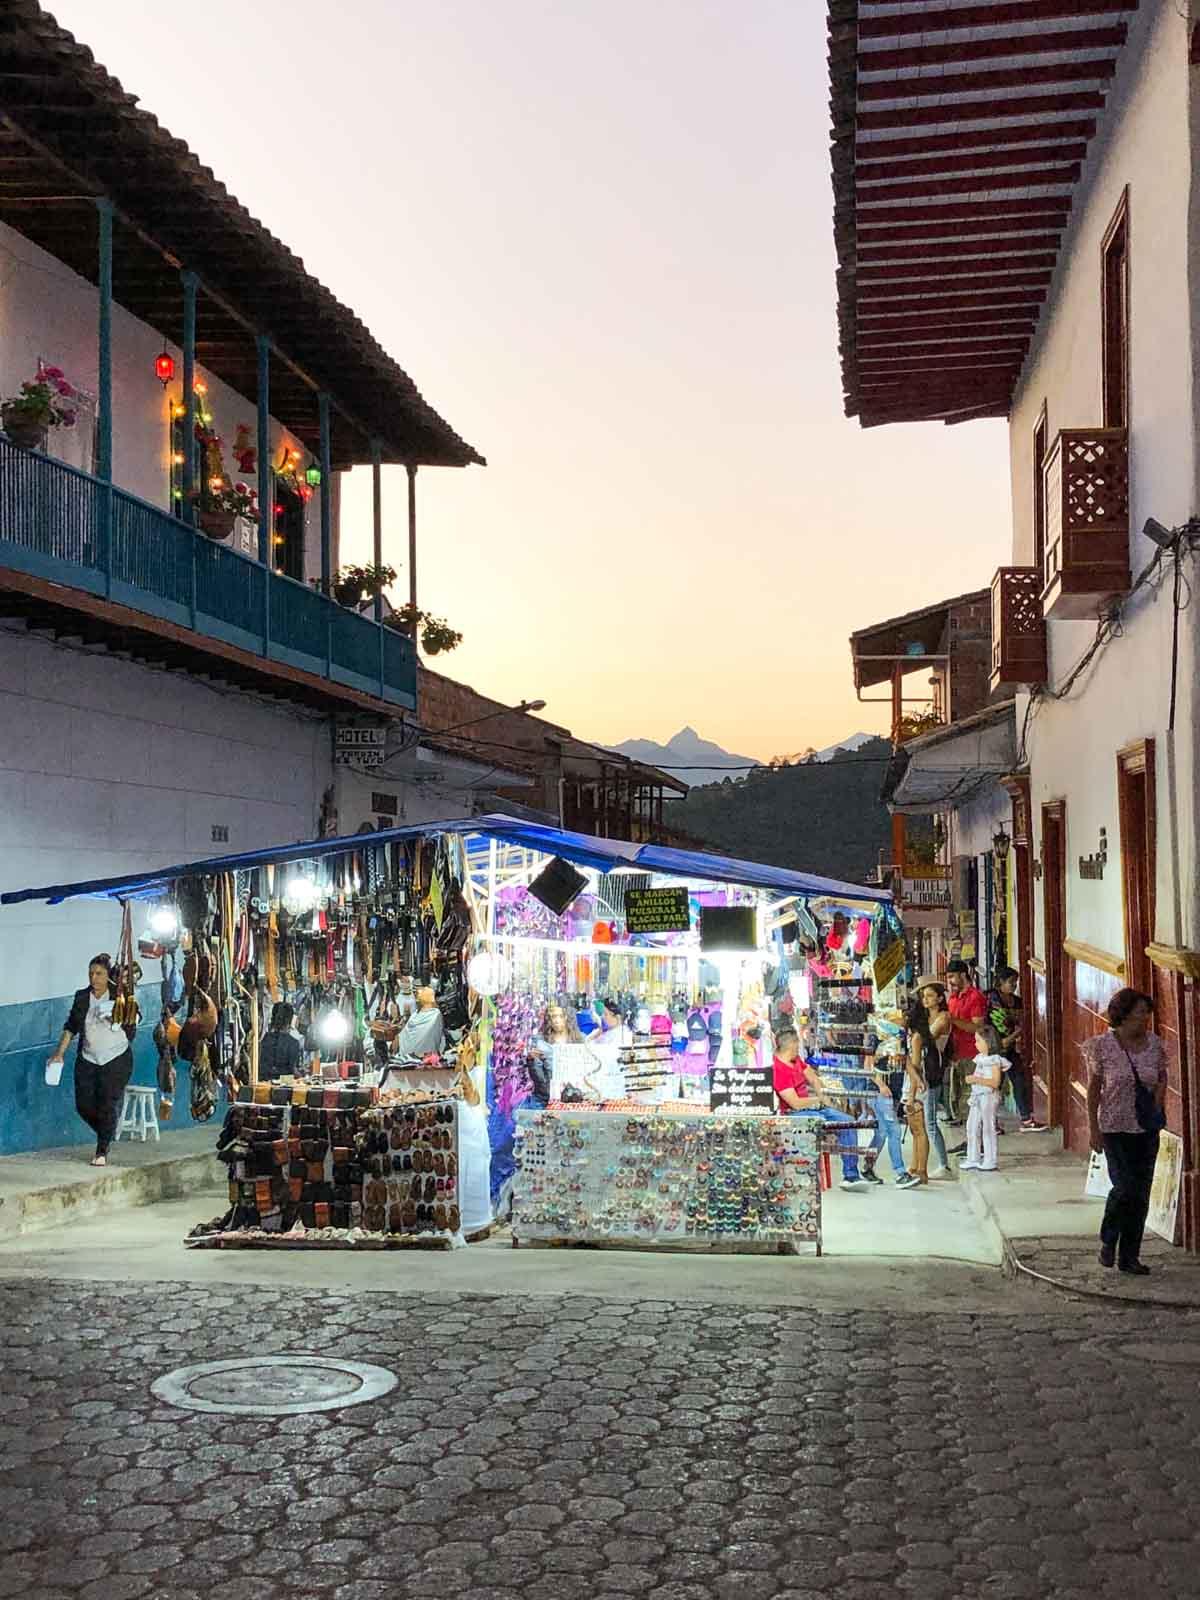 A street market in Jardin, Colombia.